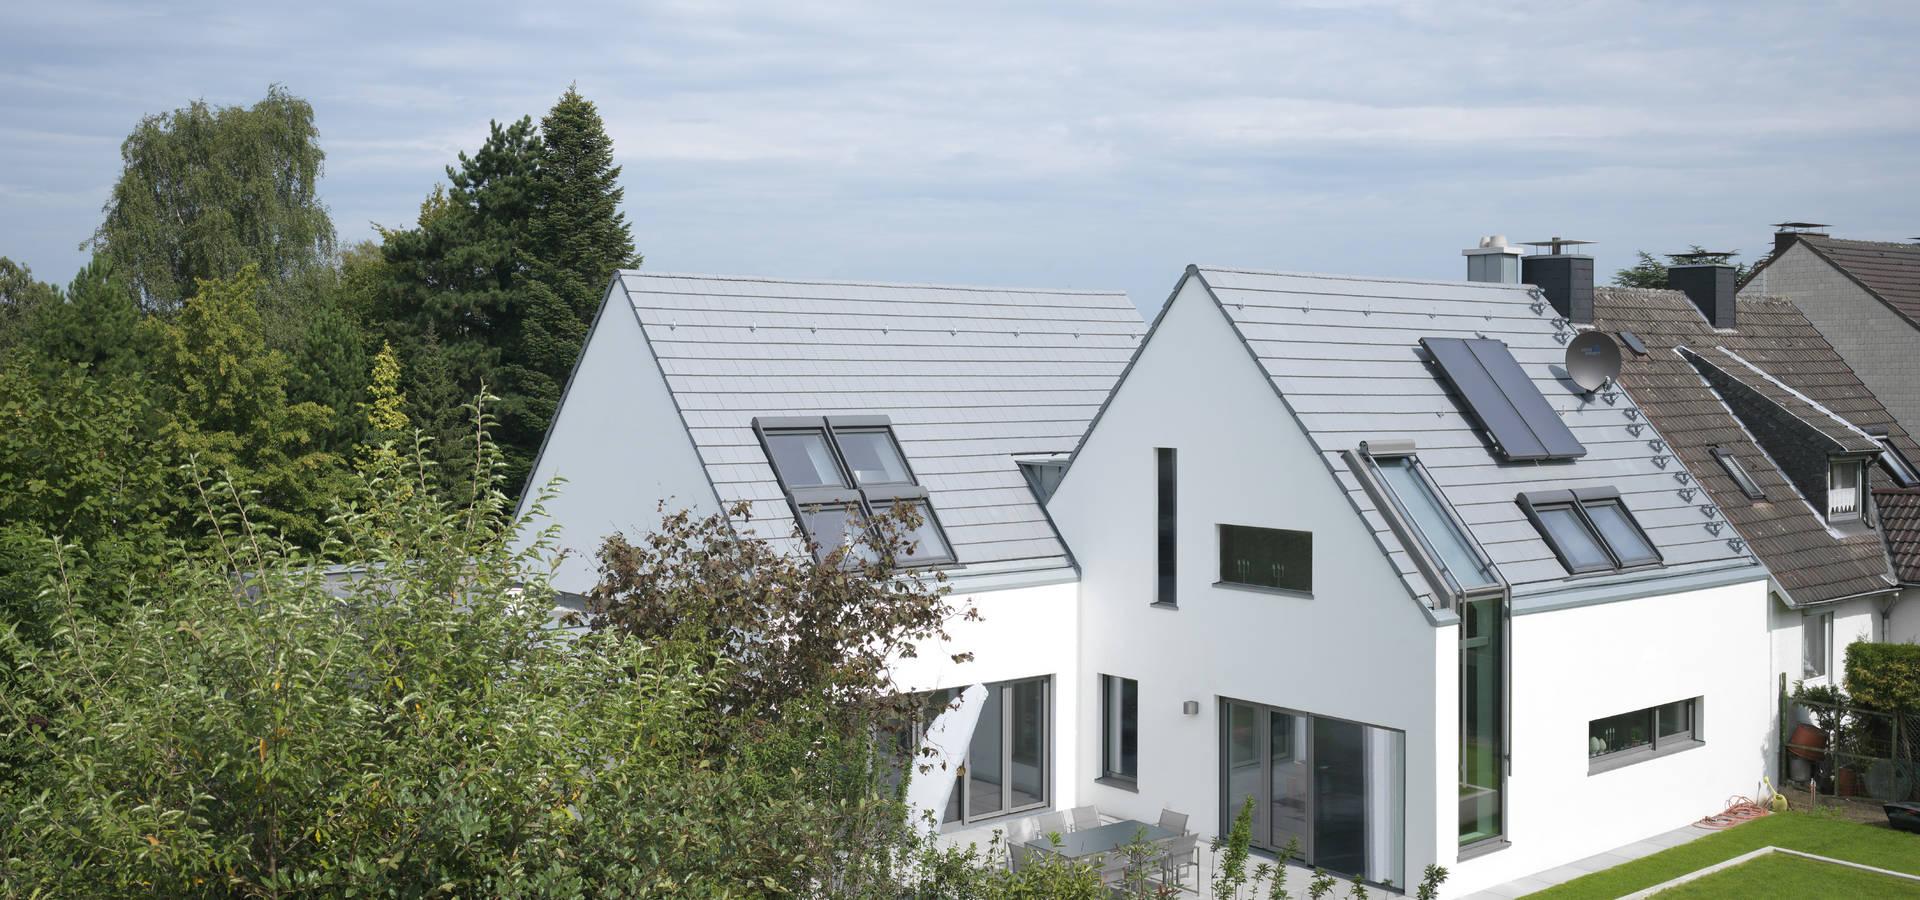 Architekten In Essen koschany zimmer architekten kza architekten in essen homify